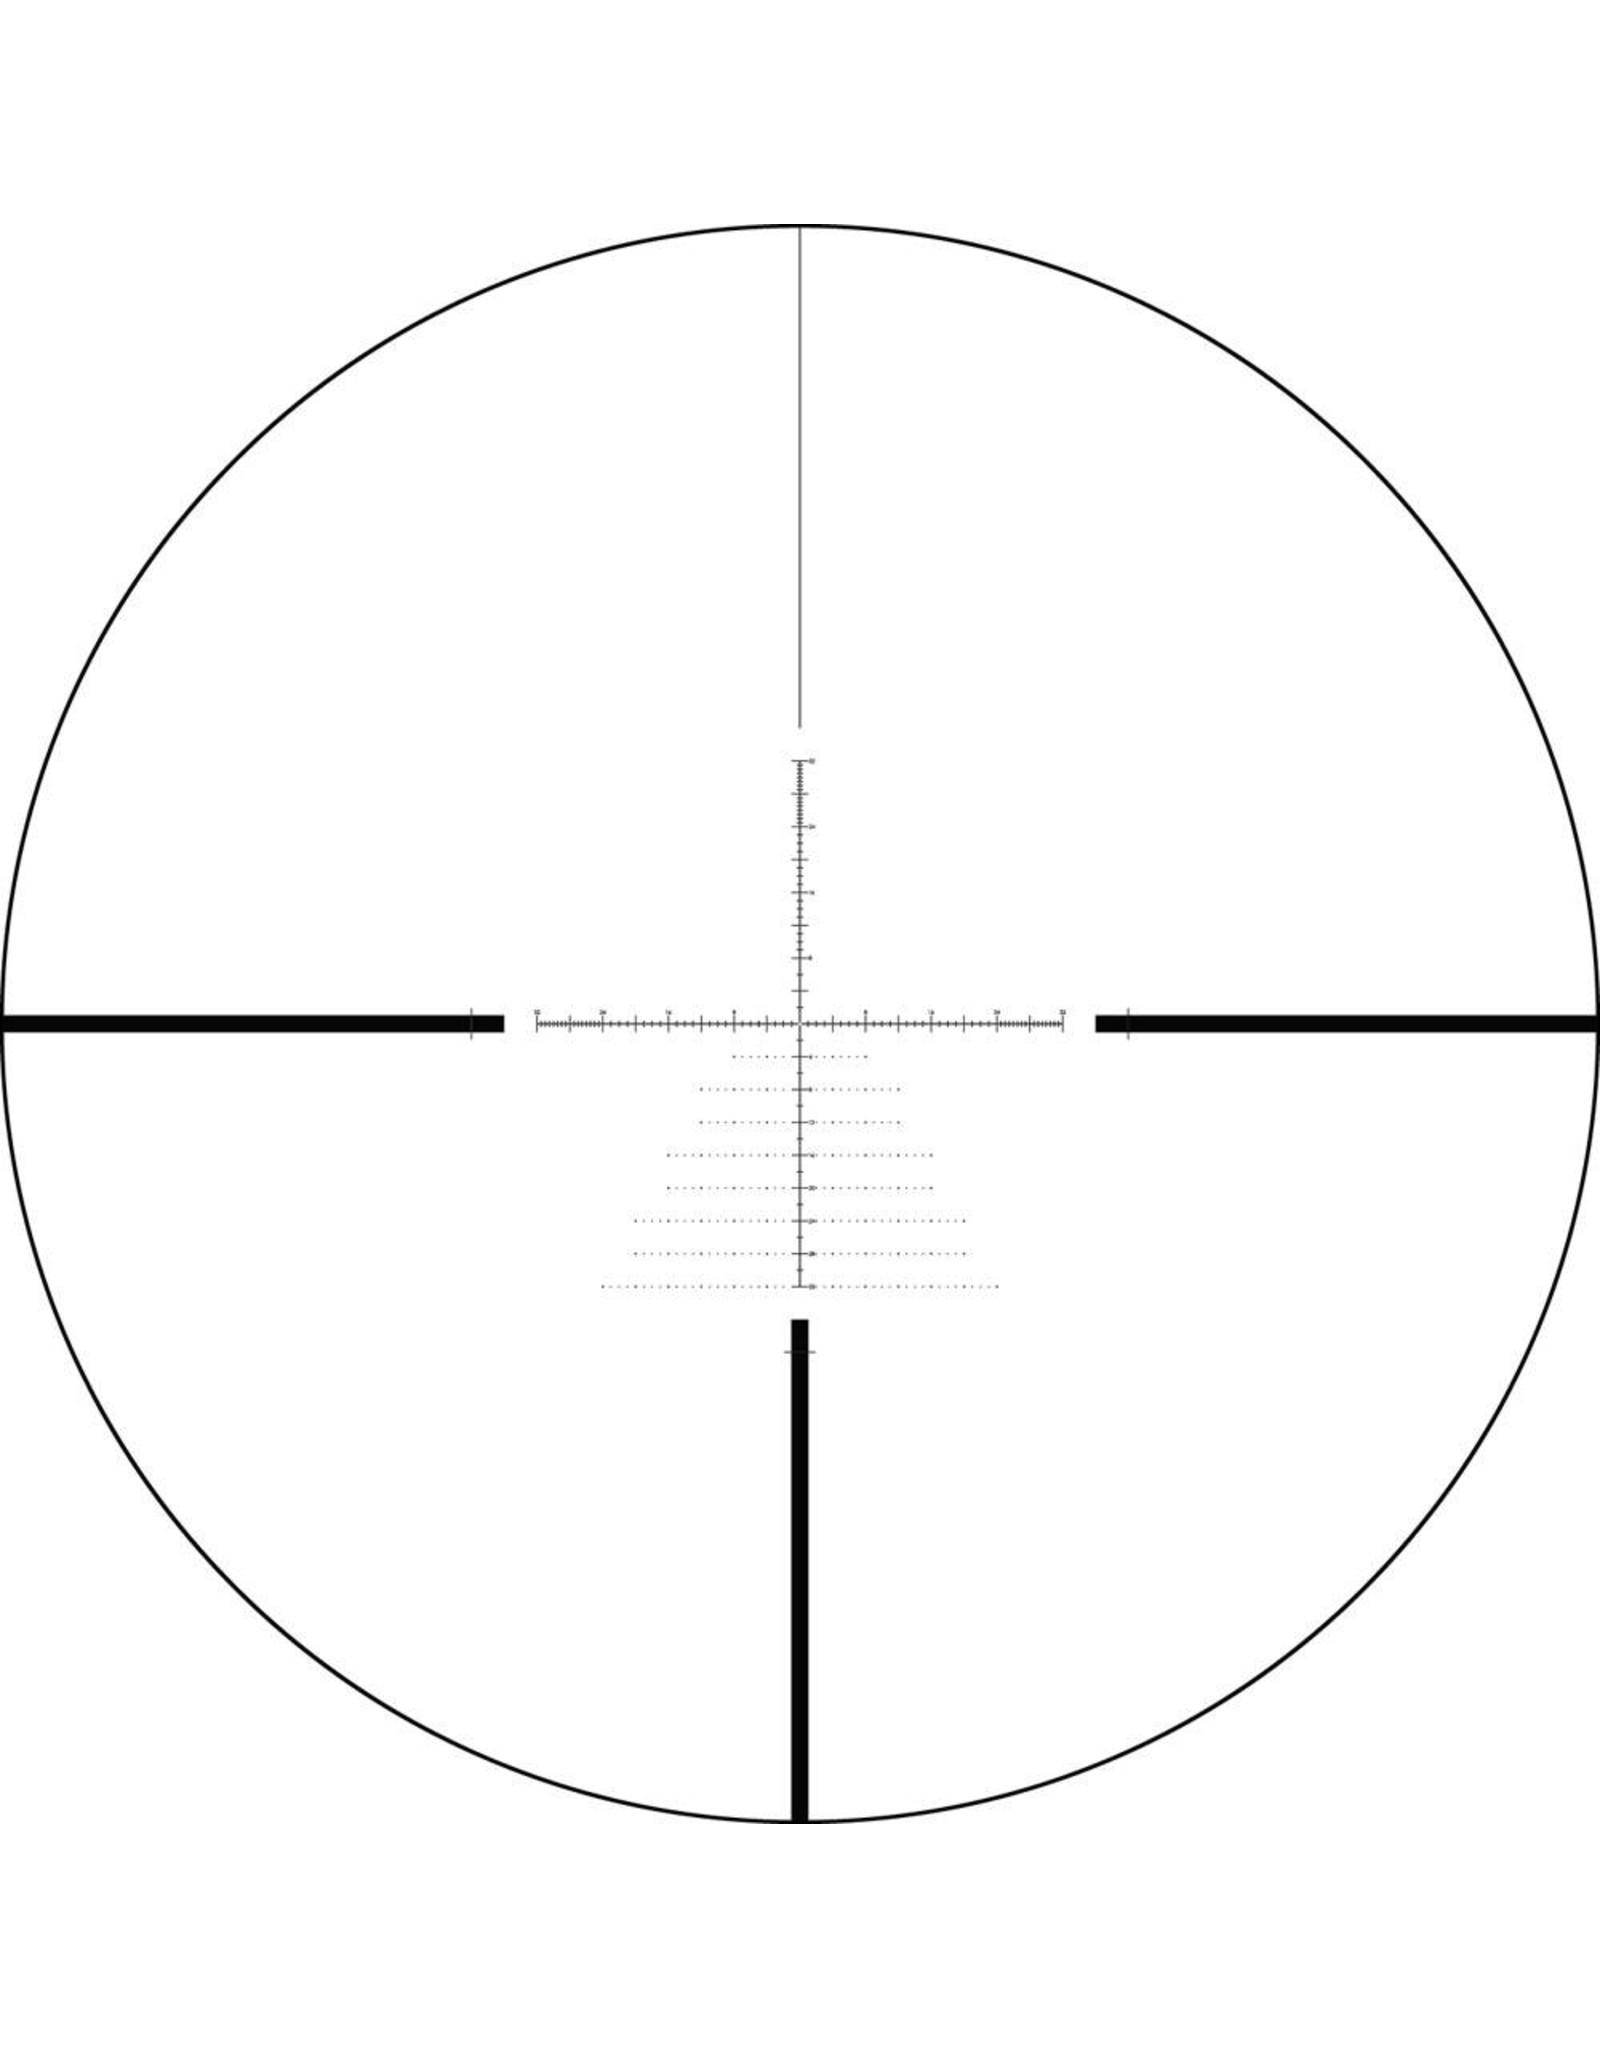 Vortex Vortex Viper HS LR 6-24x50 FFP Riflescope XLR MOA